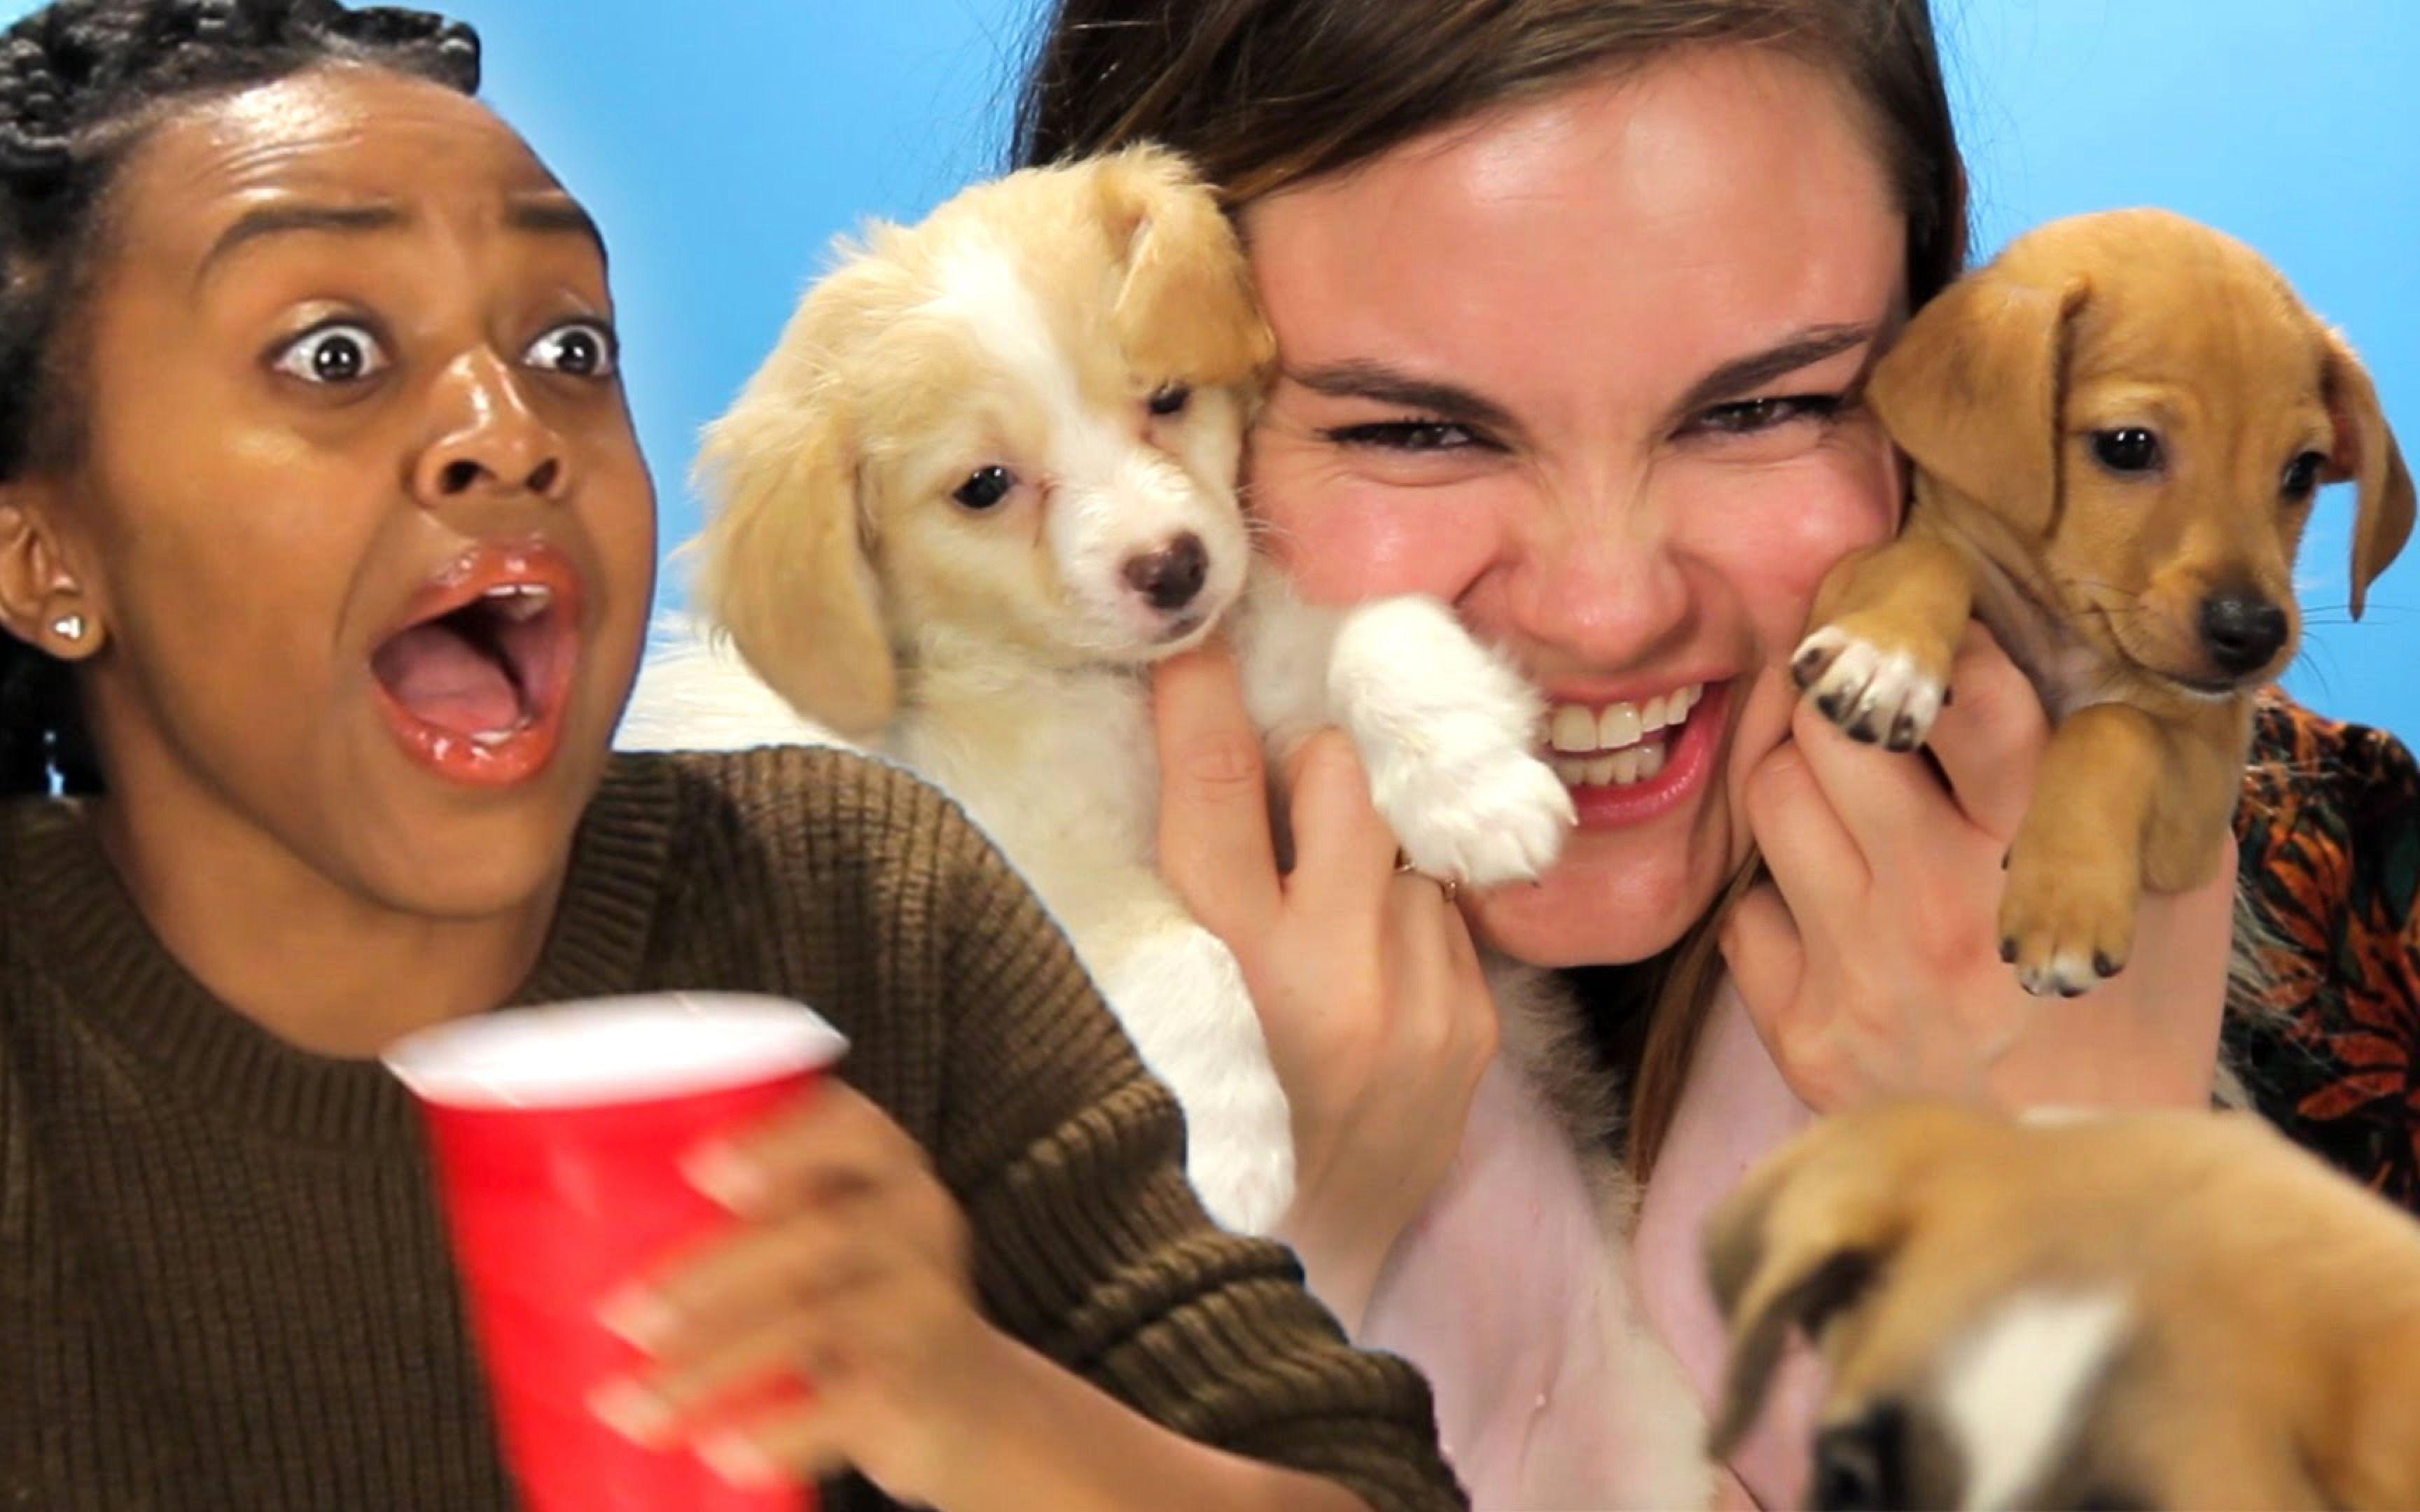 老婆与狗的情色生活_醉酒女人与狗子的激情碰撞【小青龙字幕组】【buzzfeedvideo】